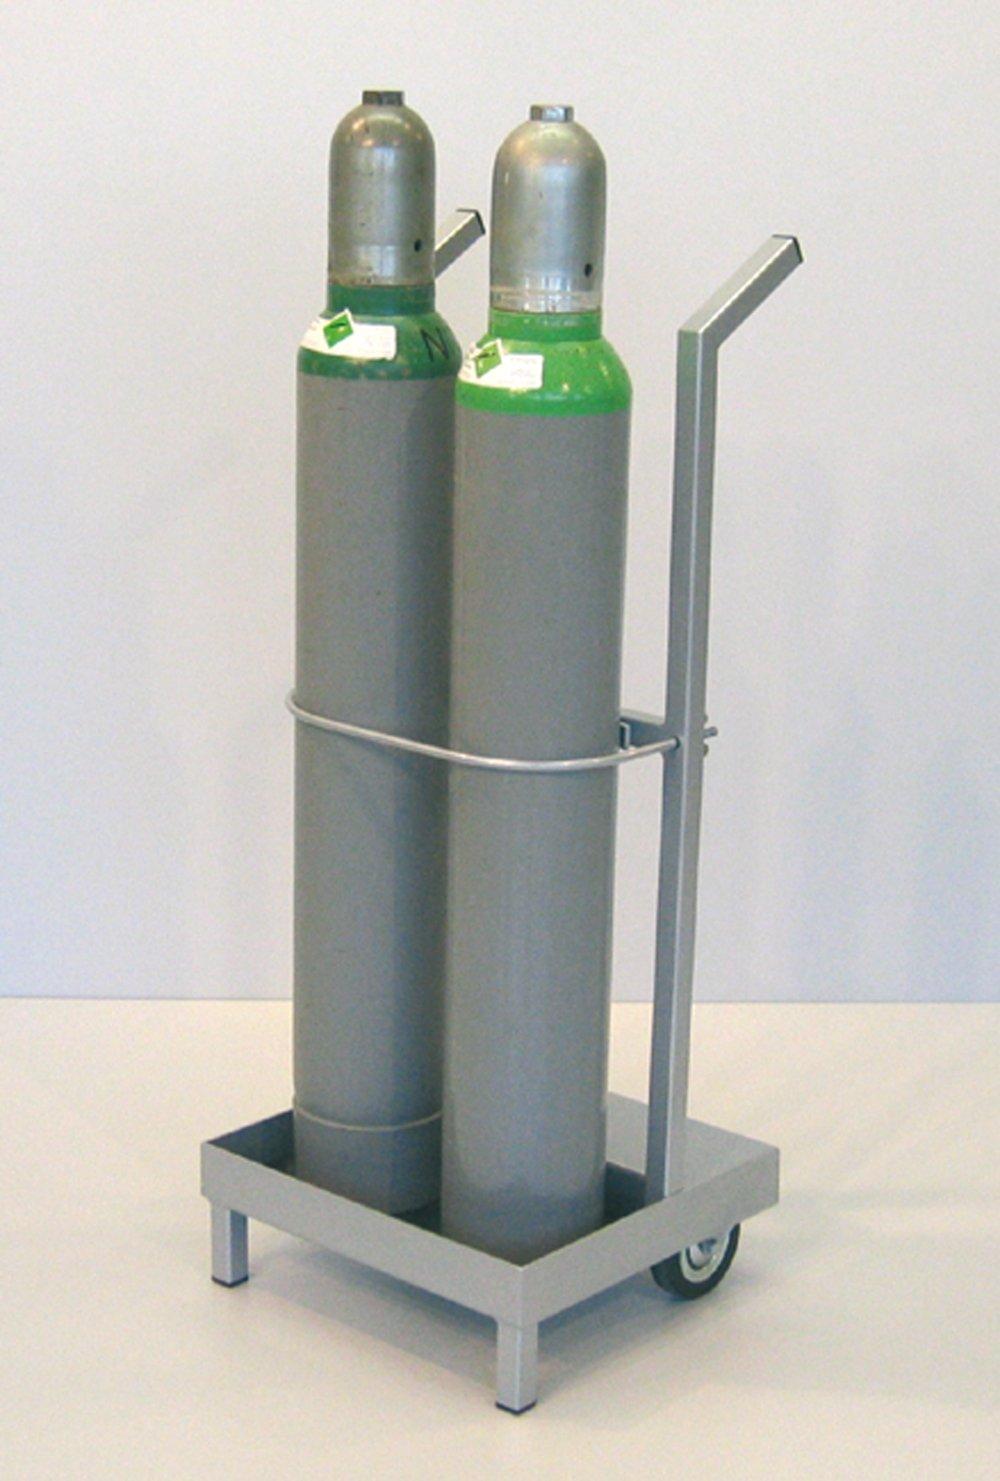 Unilab Flaschenwagen f. 2 Stahlflaschen - Unilab Flaschenwagen f. 2 Stahlflaschen